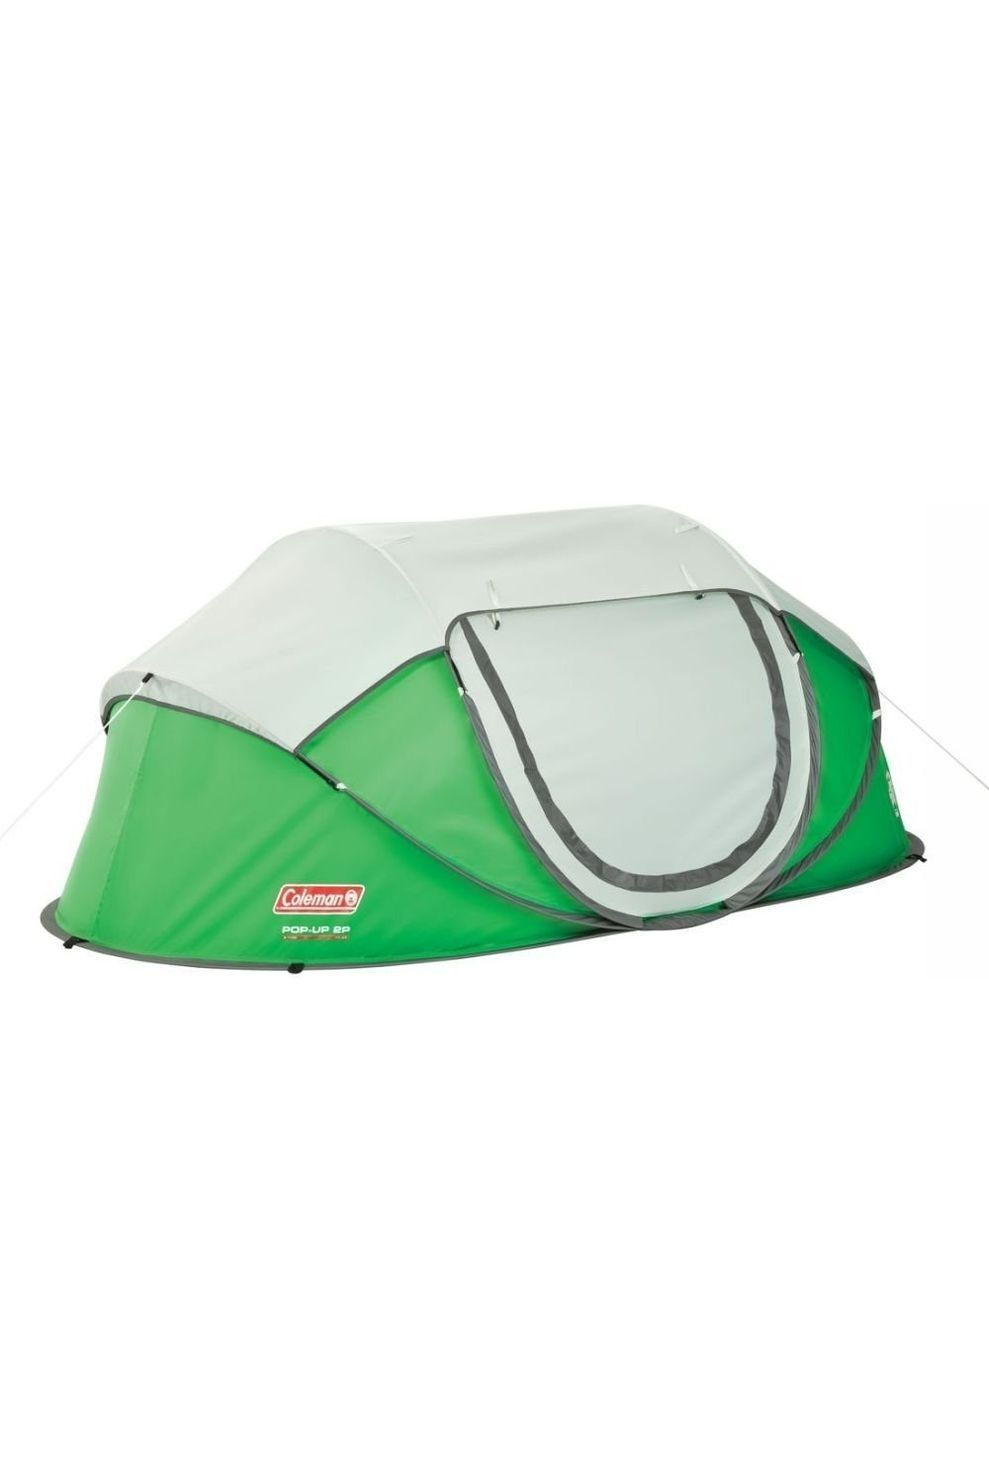 Coleman Tent Galiano 2 Groen-Wit